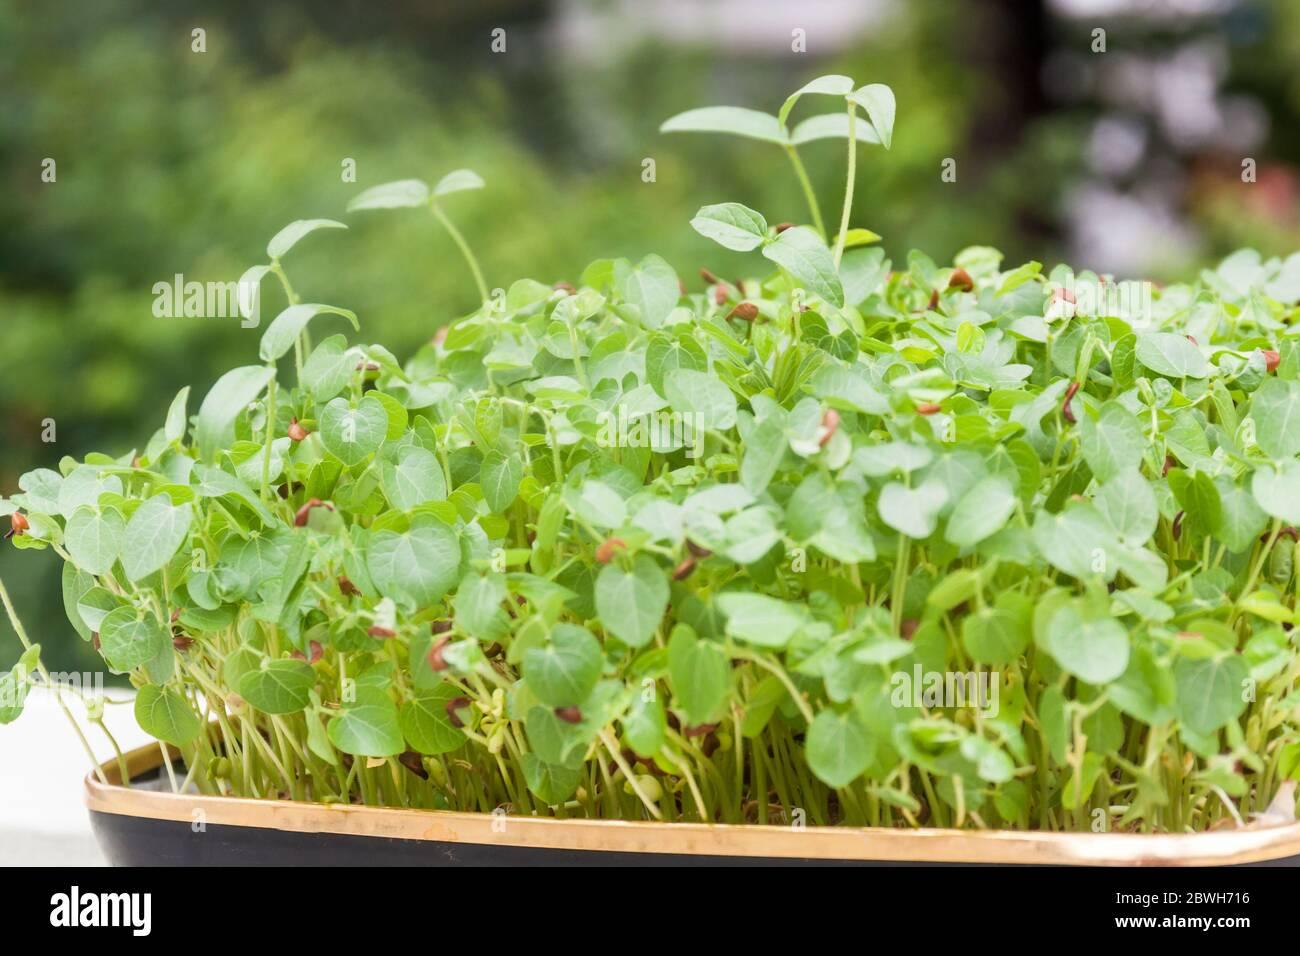 Vista lateral de brotes creciendo en una bandeja de fondo natural y luz. Concepto de micro greens Foto de stock